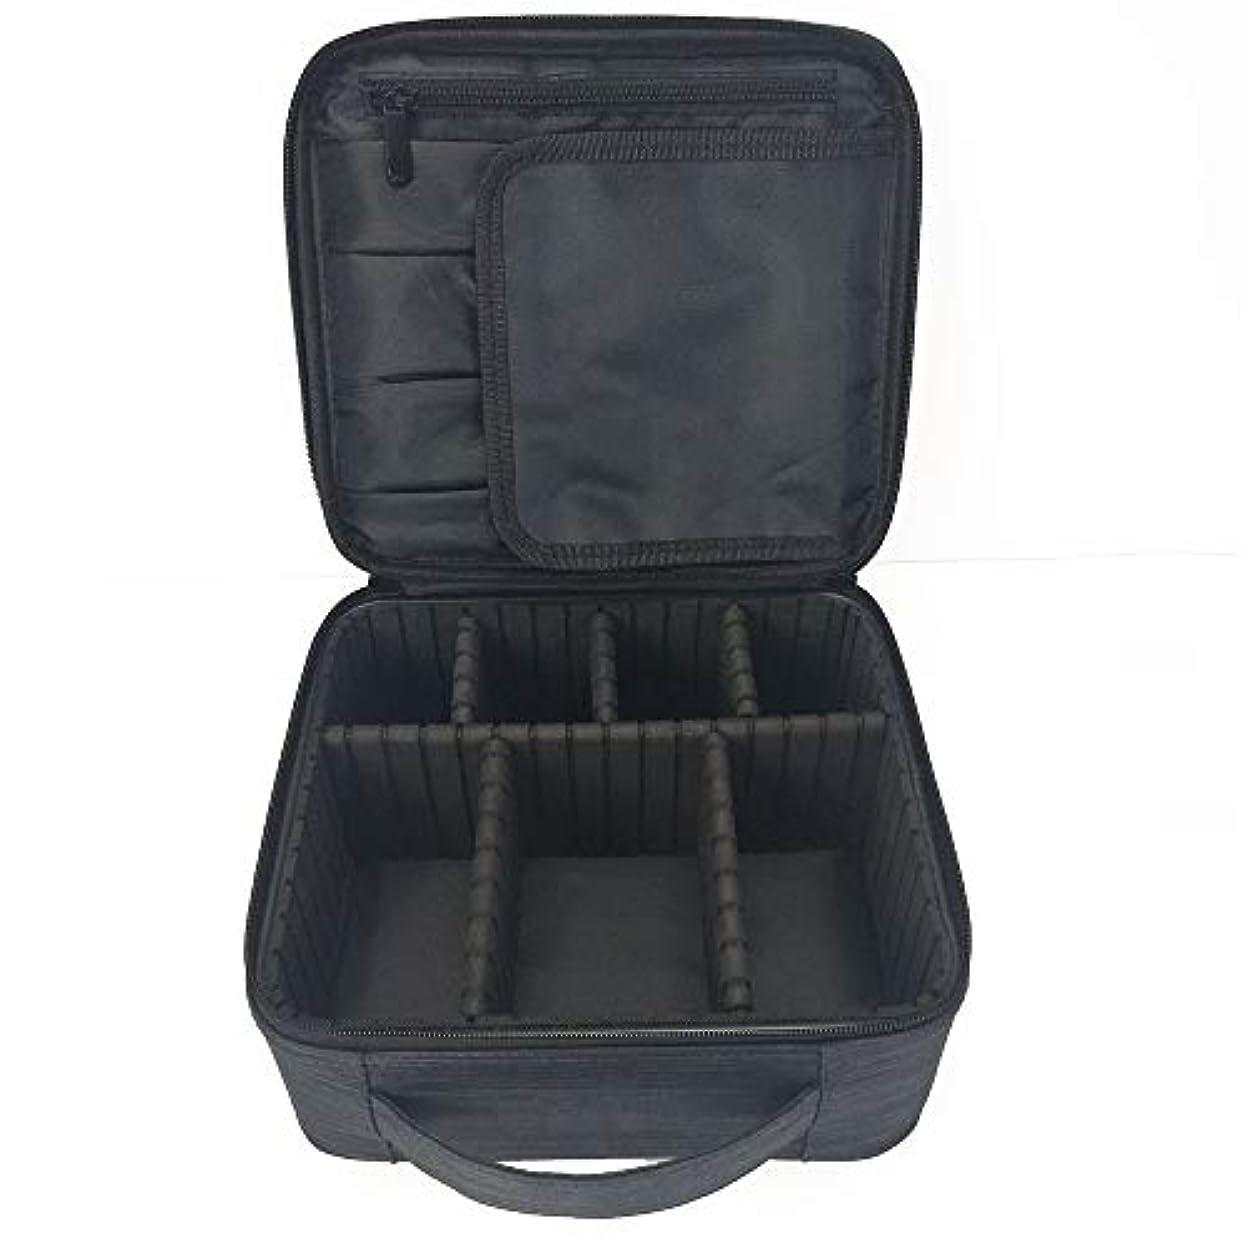 宿泊施設広い符号化粧オーガナイザーバッグ 調整可能な仕切り付き防水メイクアップバッグ旅行化粧ケースブラシホルダー 化粧品ケース